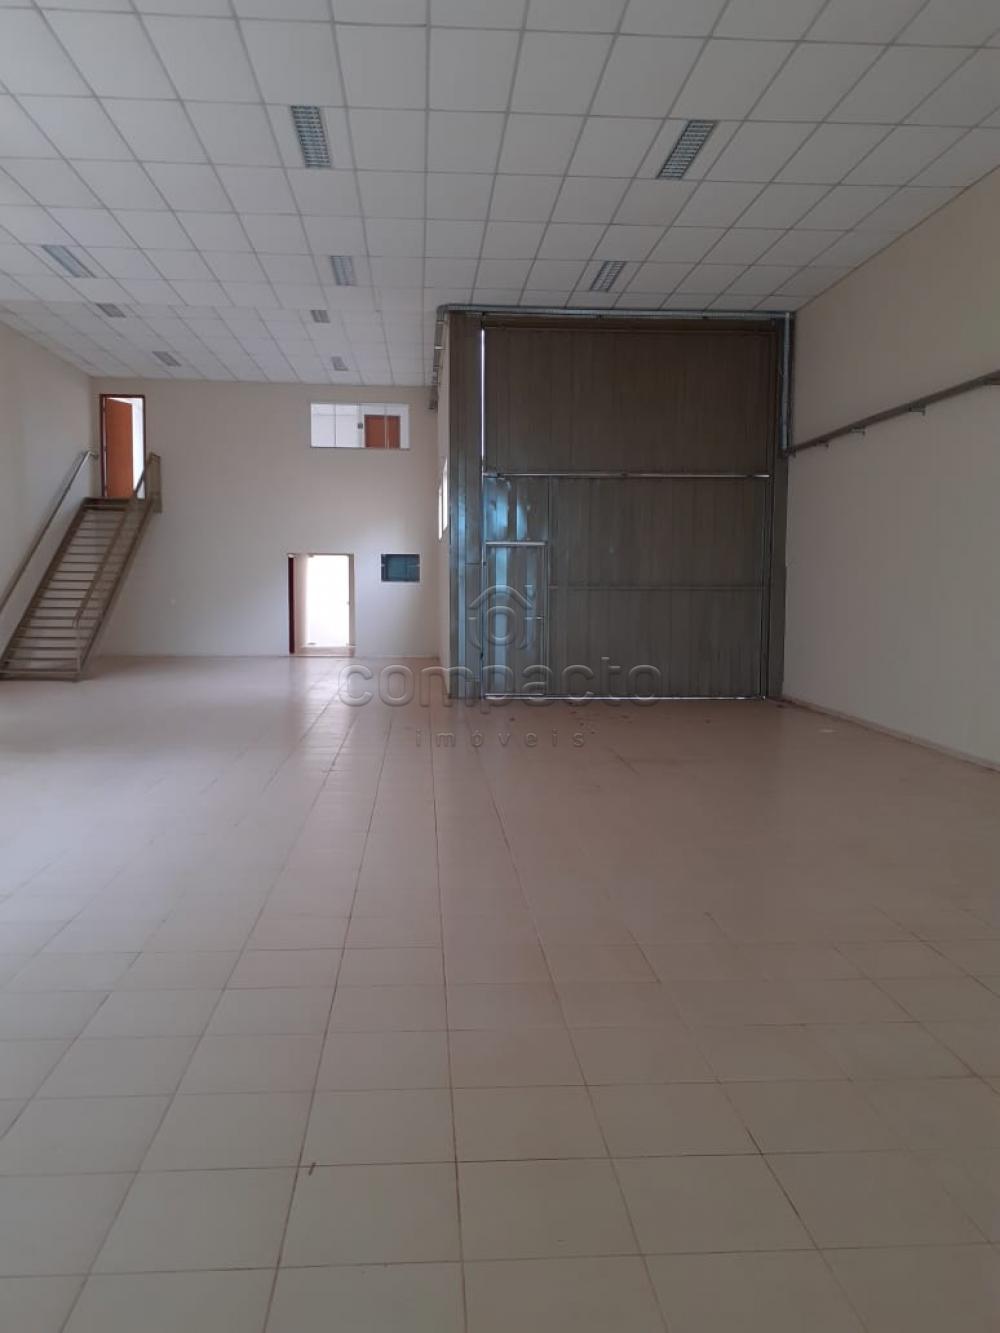 Alugar Comercial / Salão em Bady Bassitt apenas R$ 5.000,00 - Foto 4